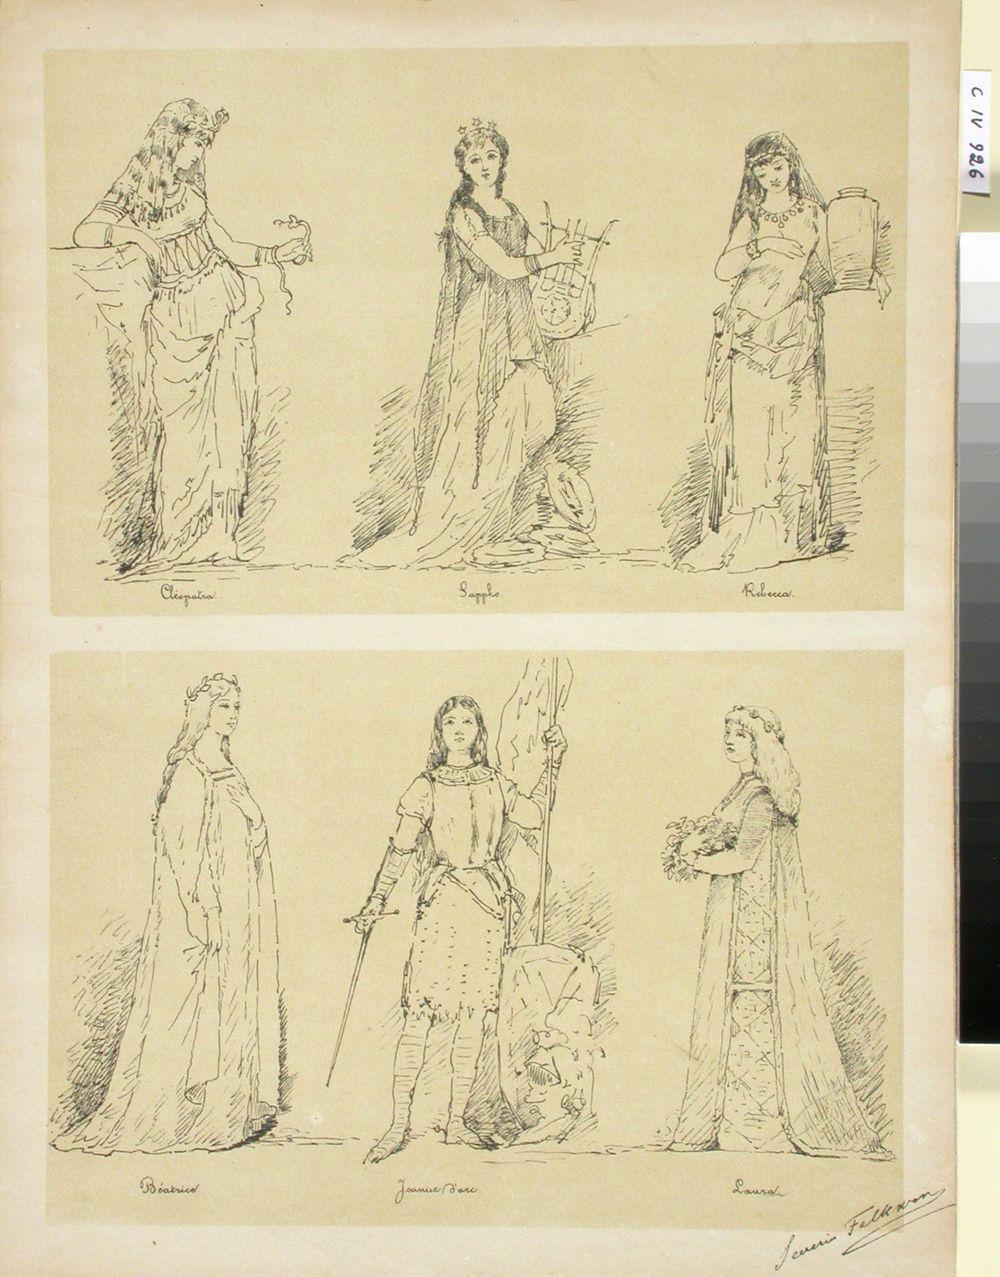 Luonnokset kahteen historialliseen kuvaelmaan, Suomen Taiteilijaseuran juhlassa 2.4.1883: Cléopatra, Sappho, Rebecca, Béatrice, Jeanne d´arc ja Laura